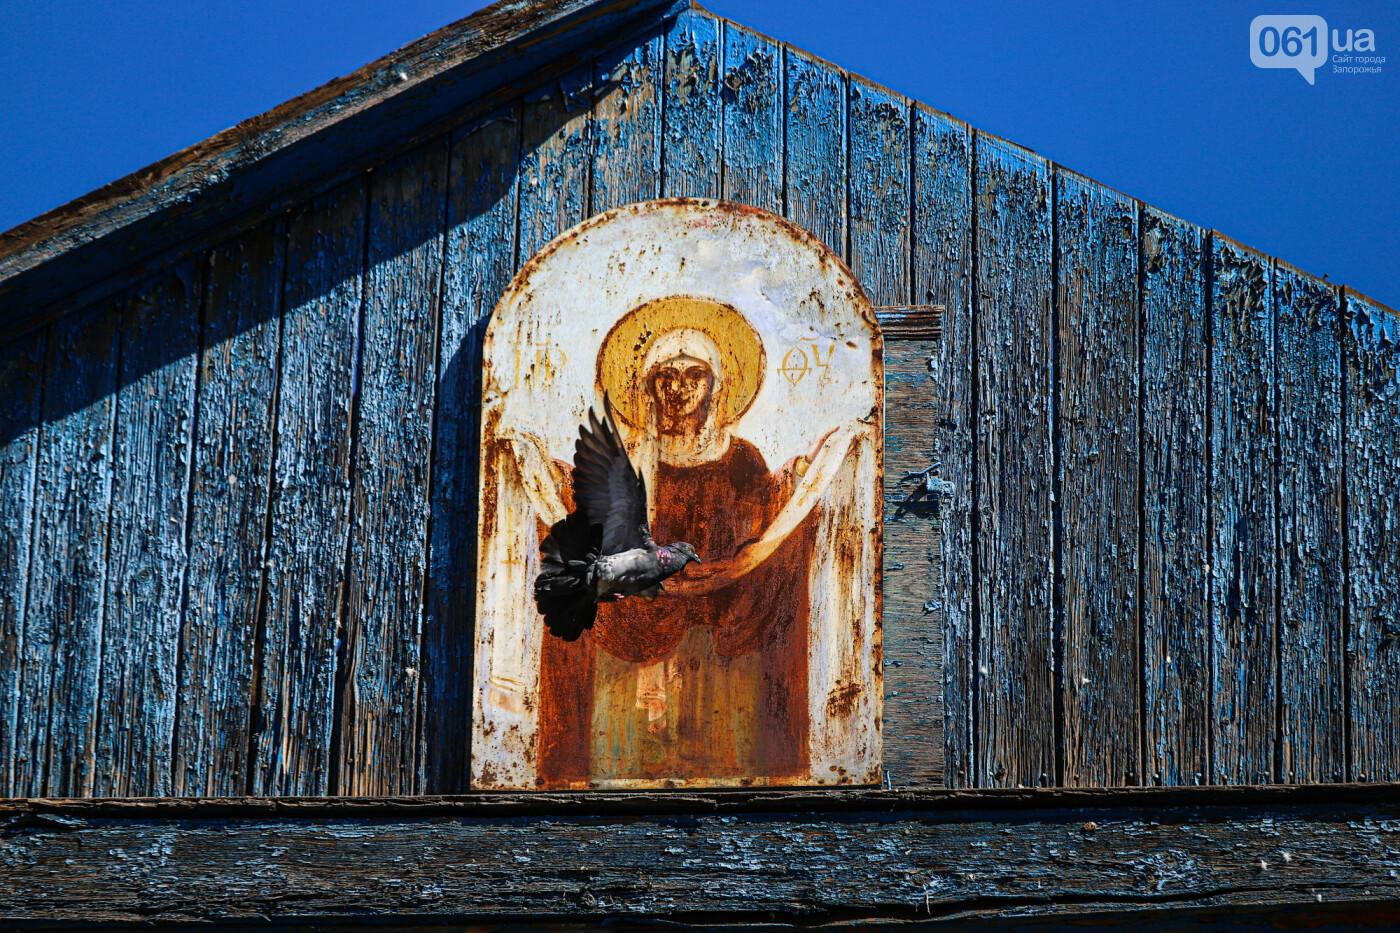 """""""Дело пономарей"""": в Запорожье начали разбирать храм, который пострадал в результате взрыва, - ФОТОРЕПОРТАЖ, фото-13"""